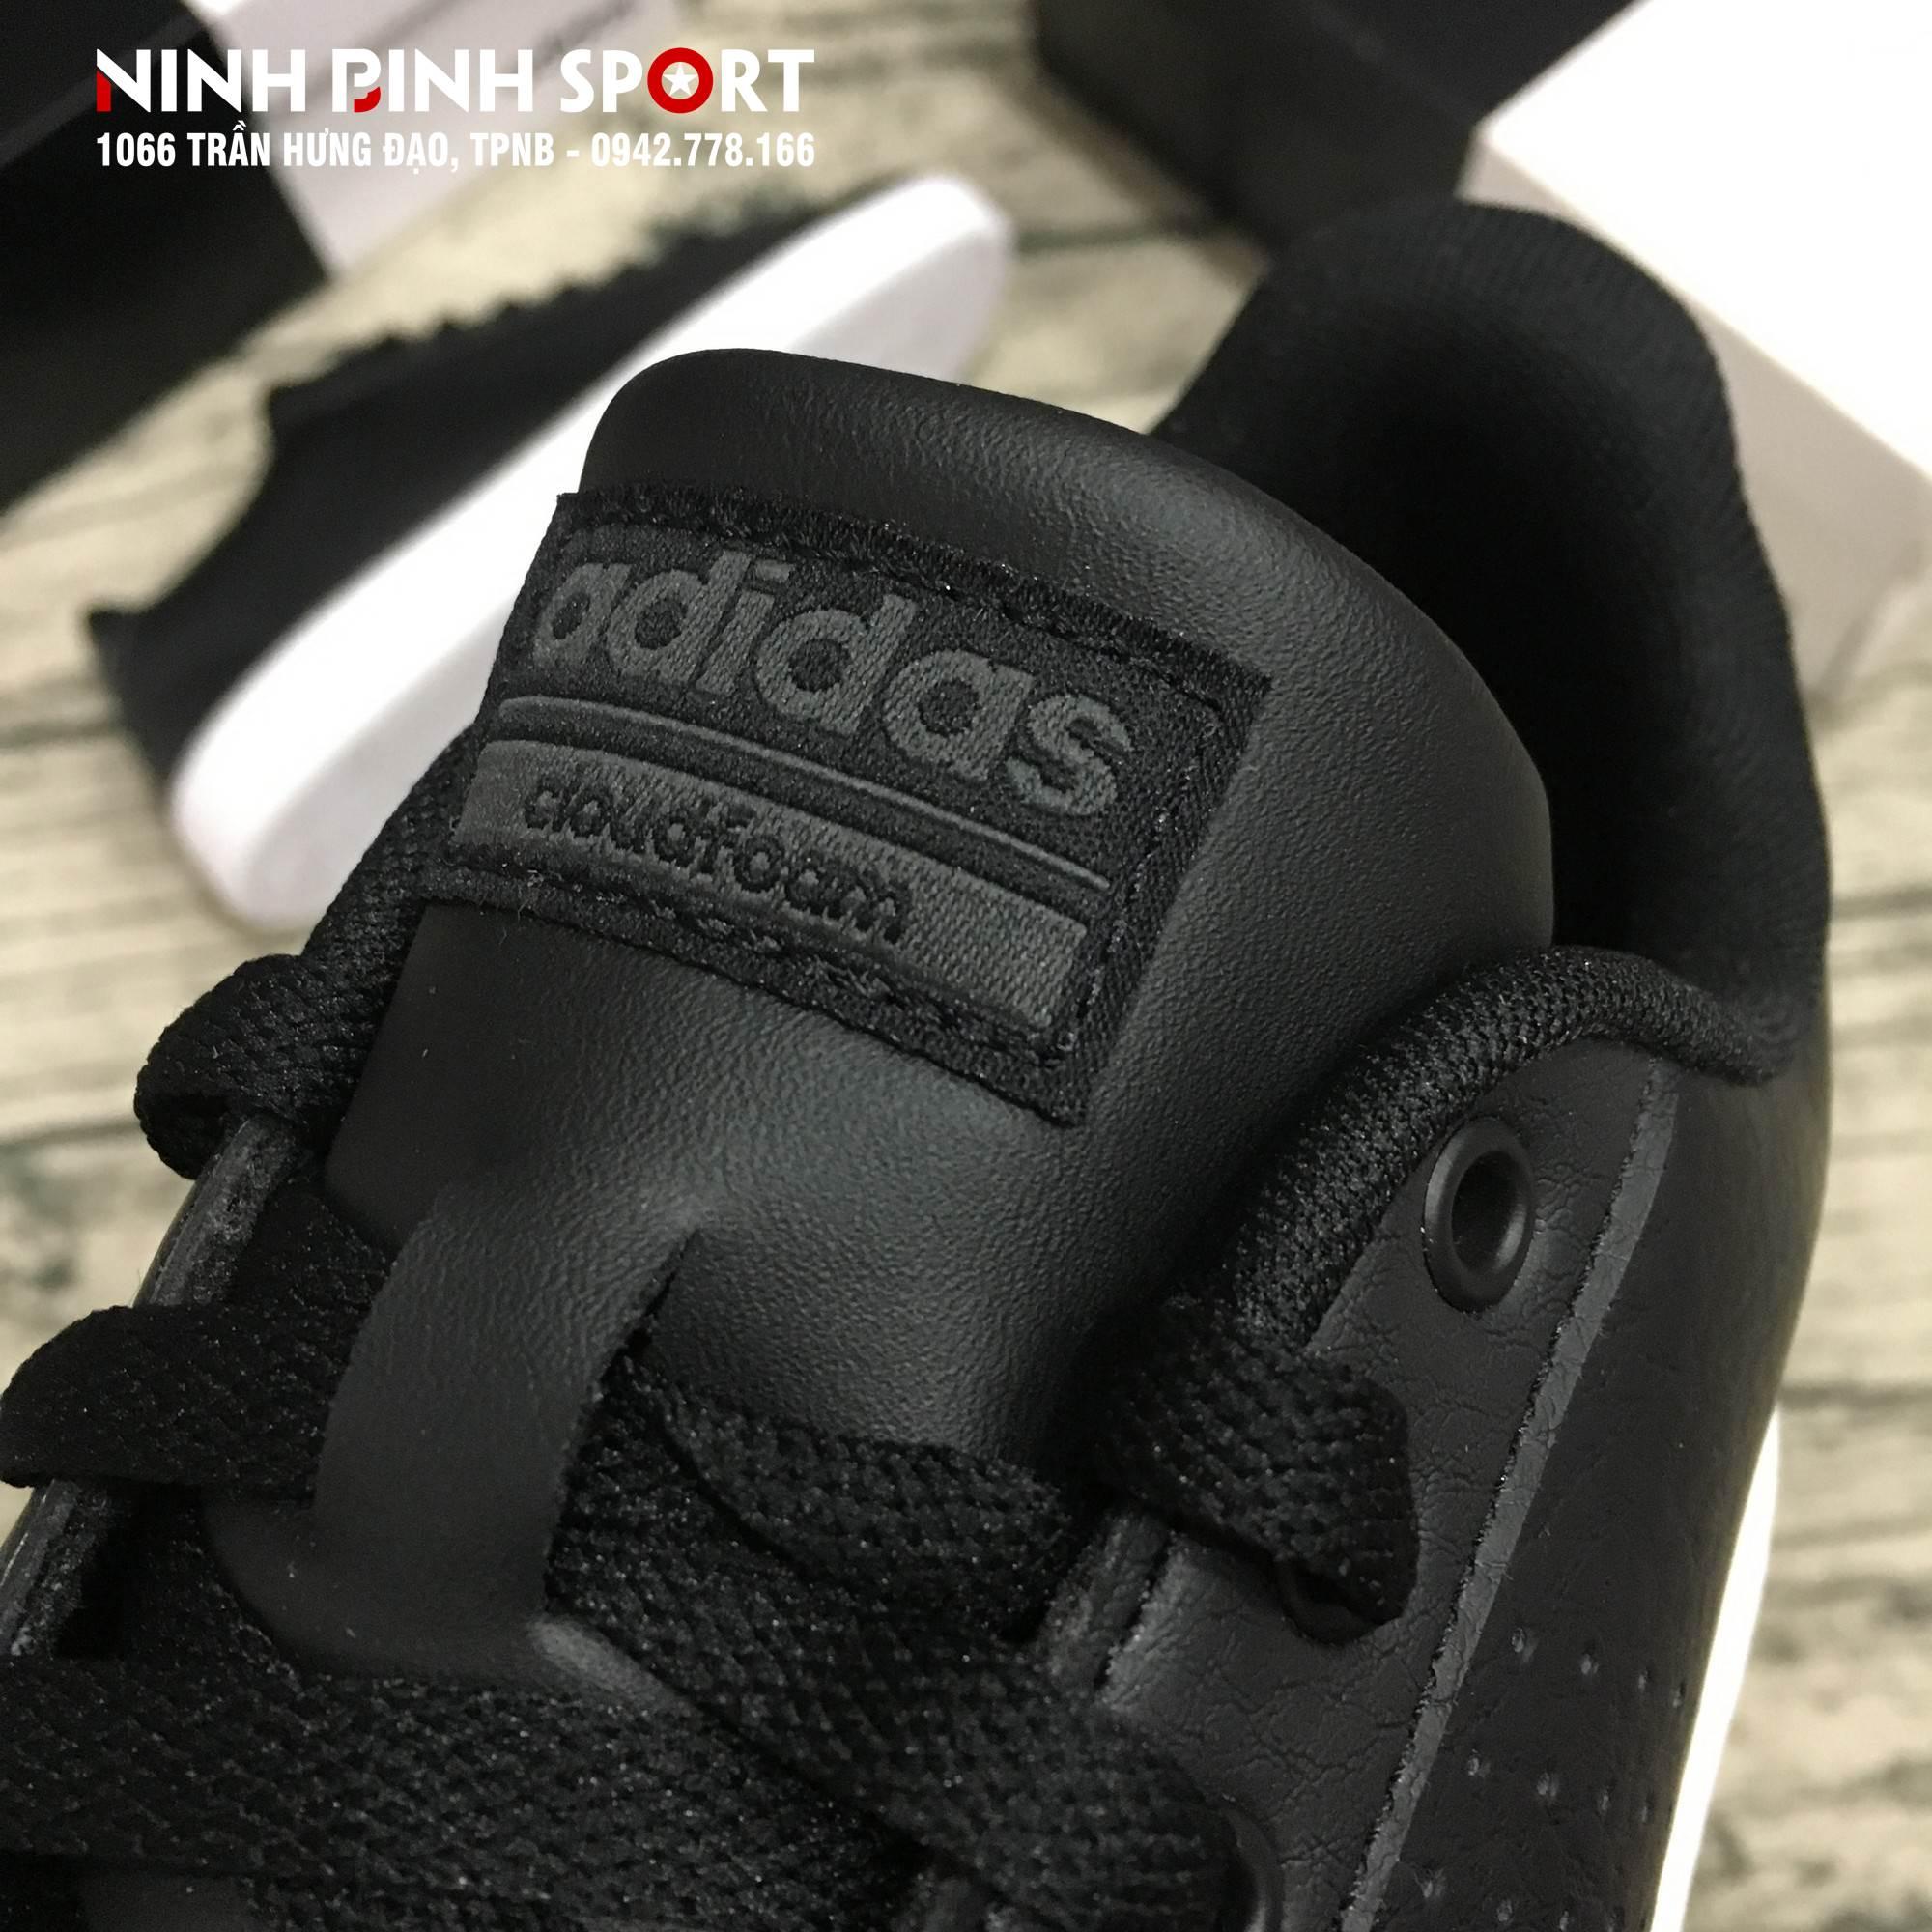 Giày thể thao nam Adidas Neo Cloudfoam Advantage AW3915